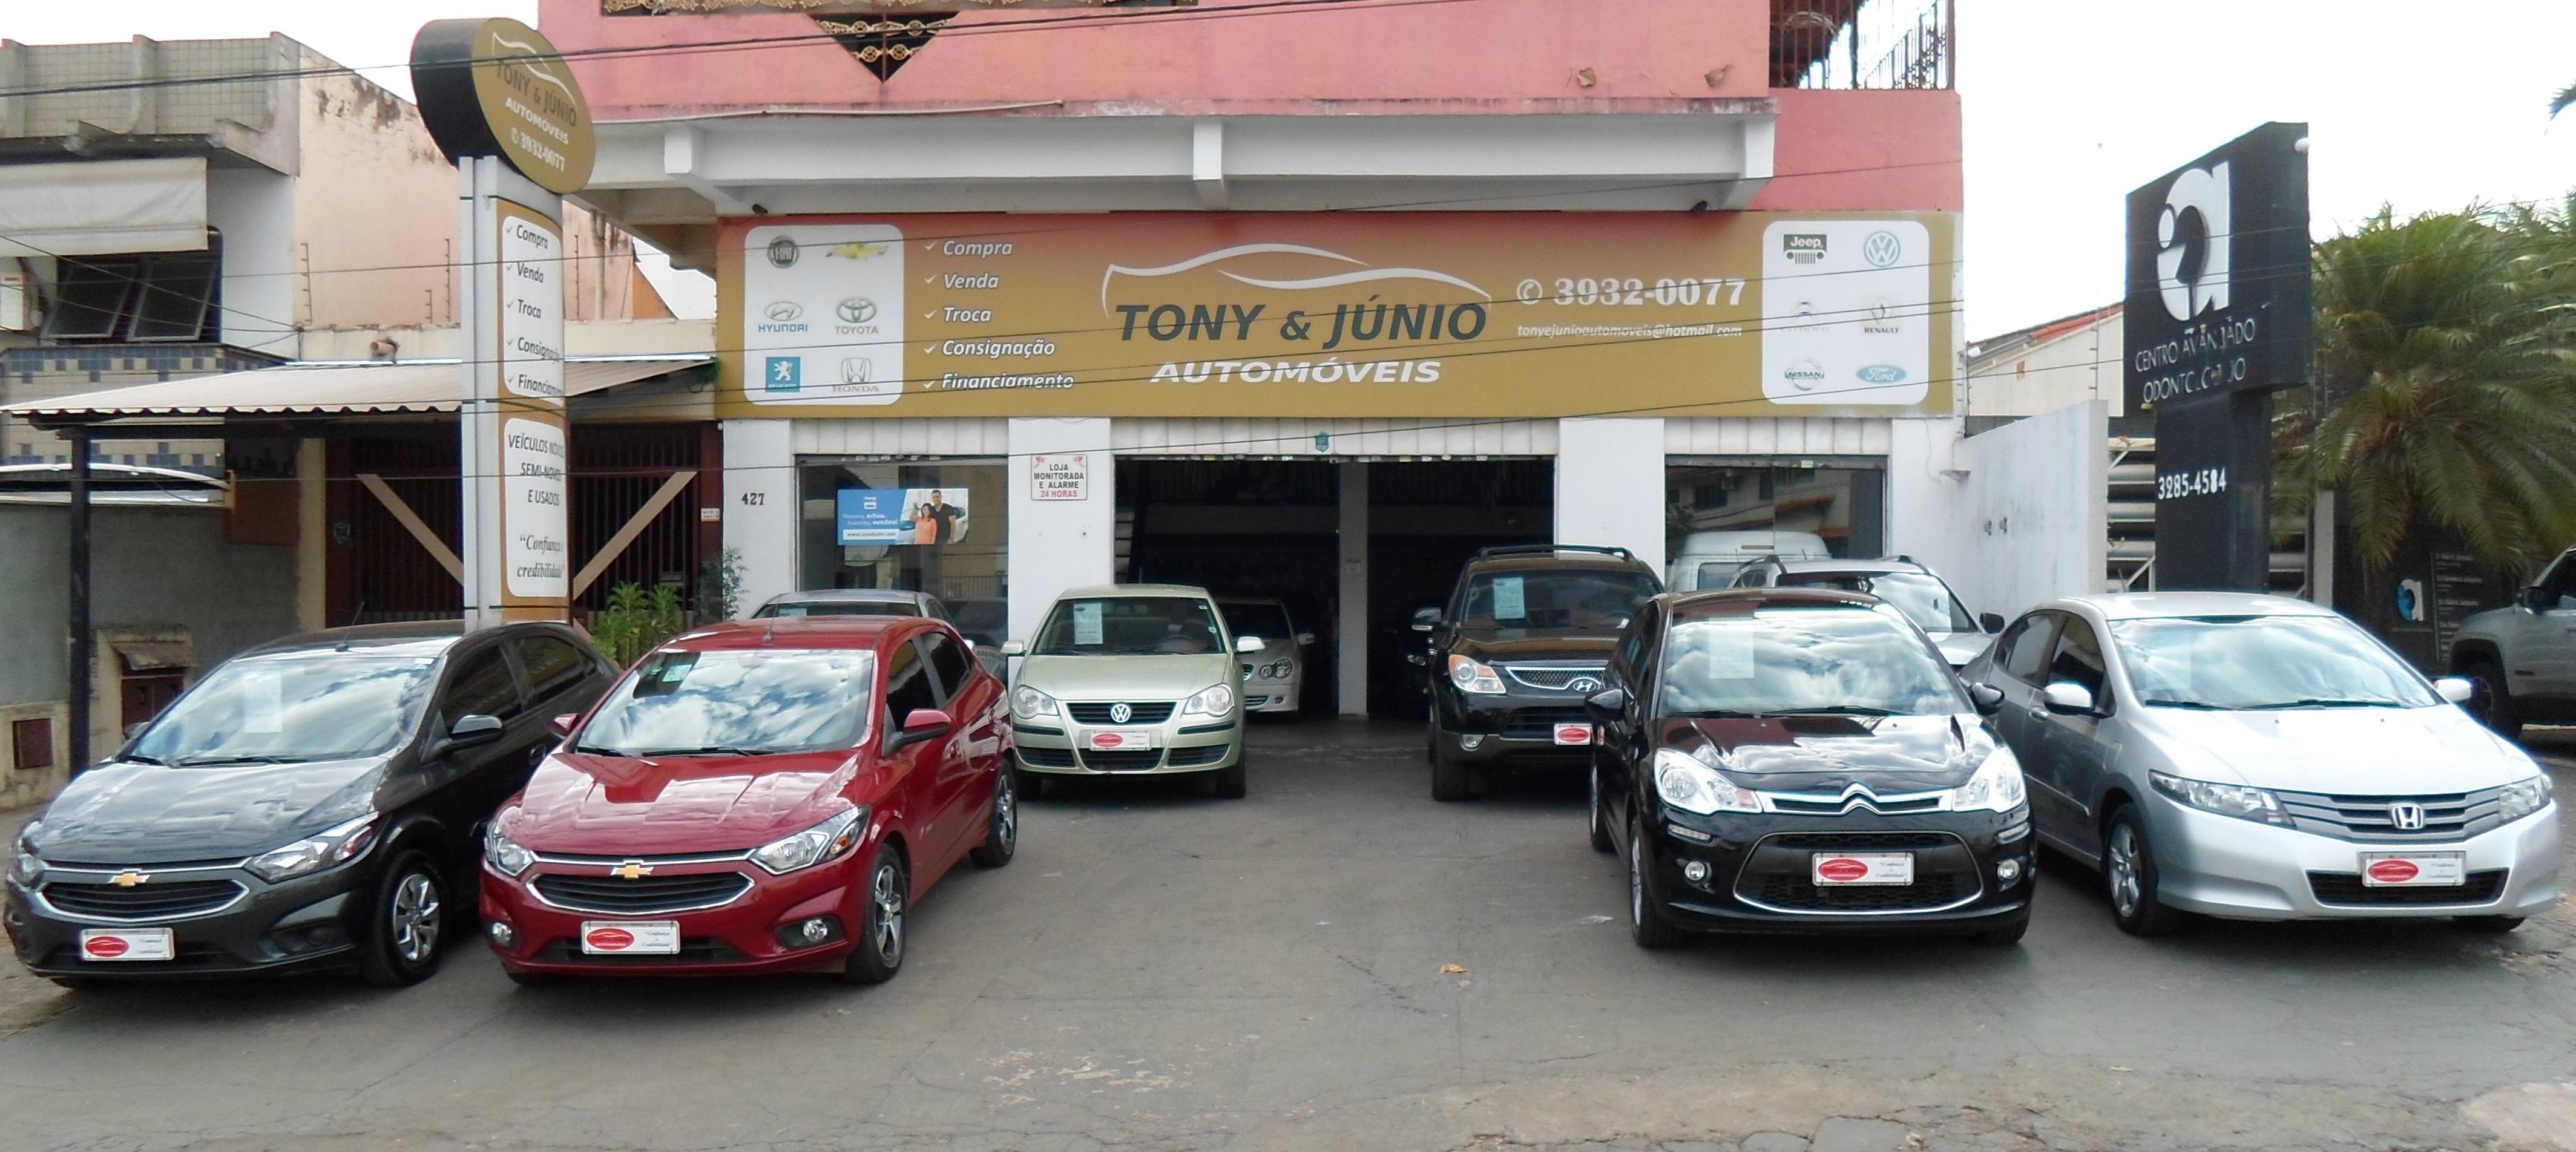 Tony & Junio Automóveis